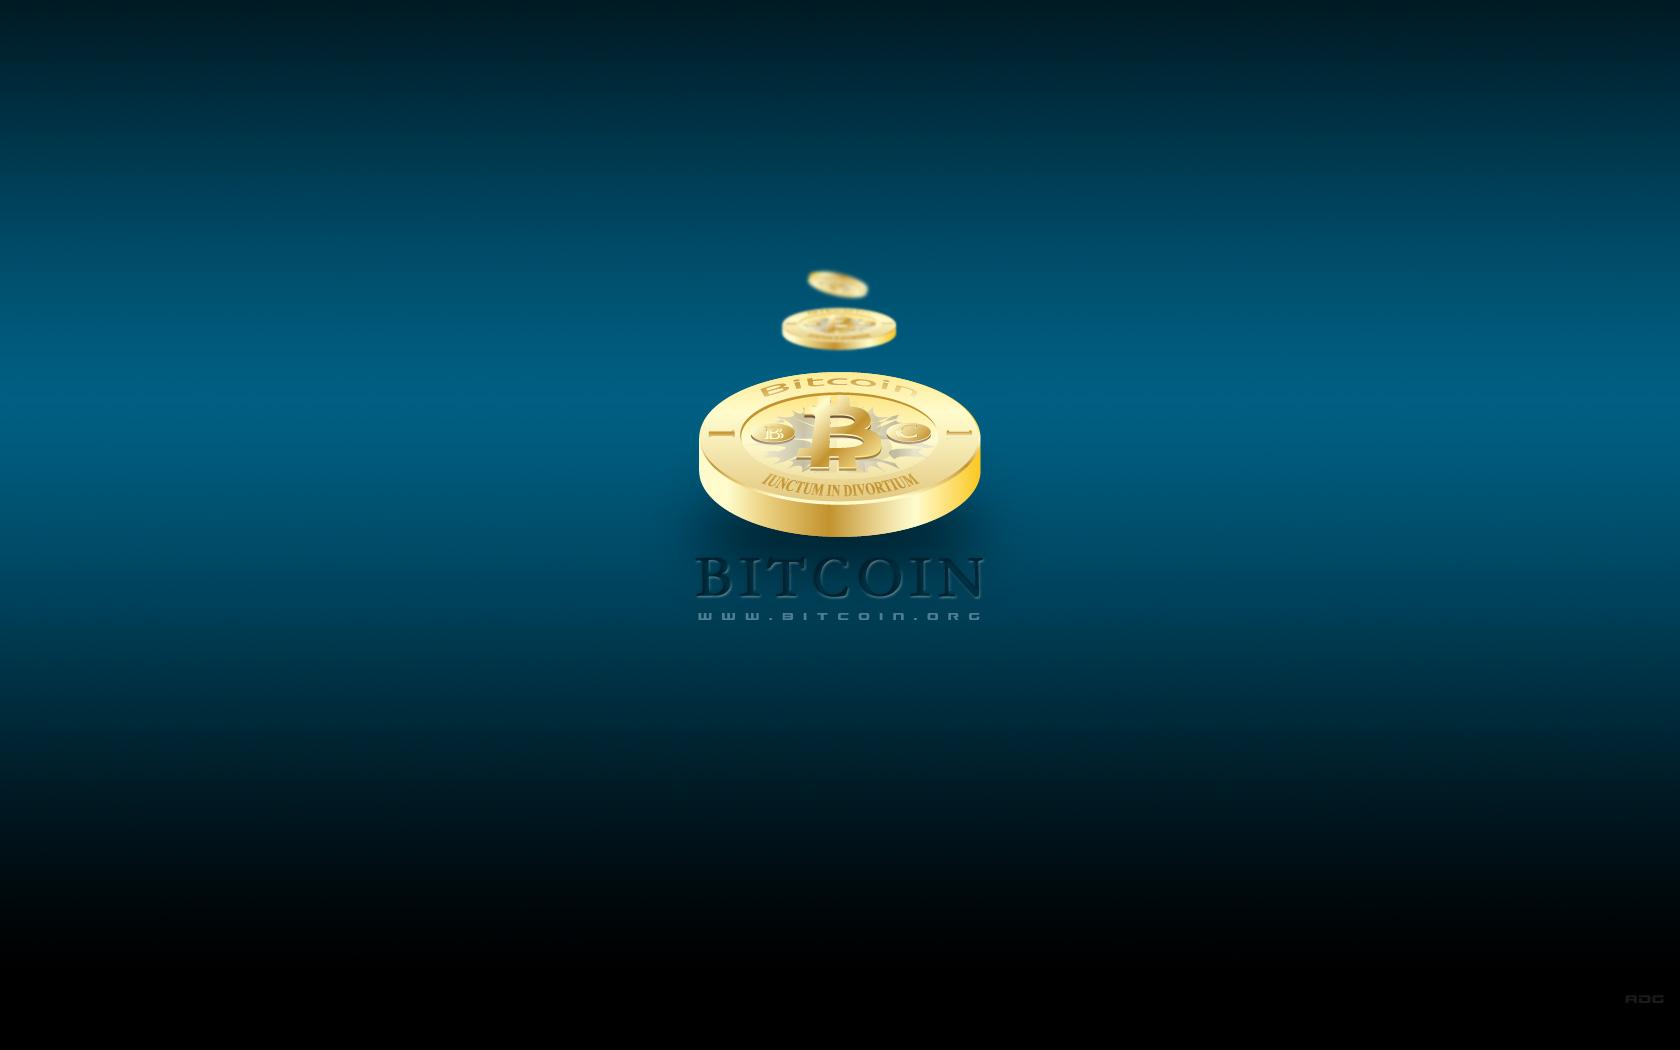 Bitcoin DskTp Wallpaper Blue 3